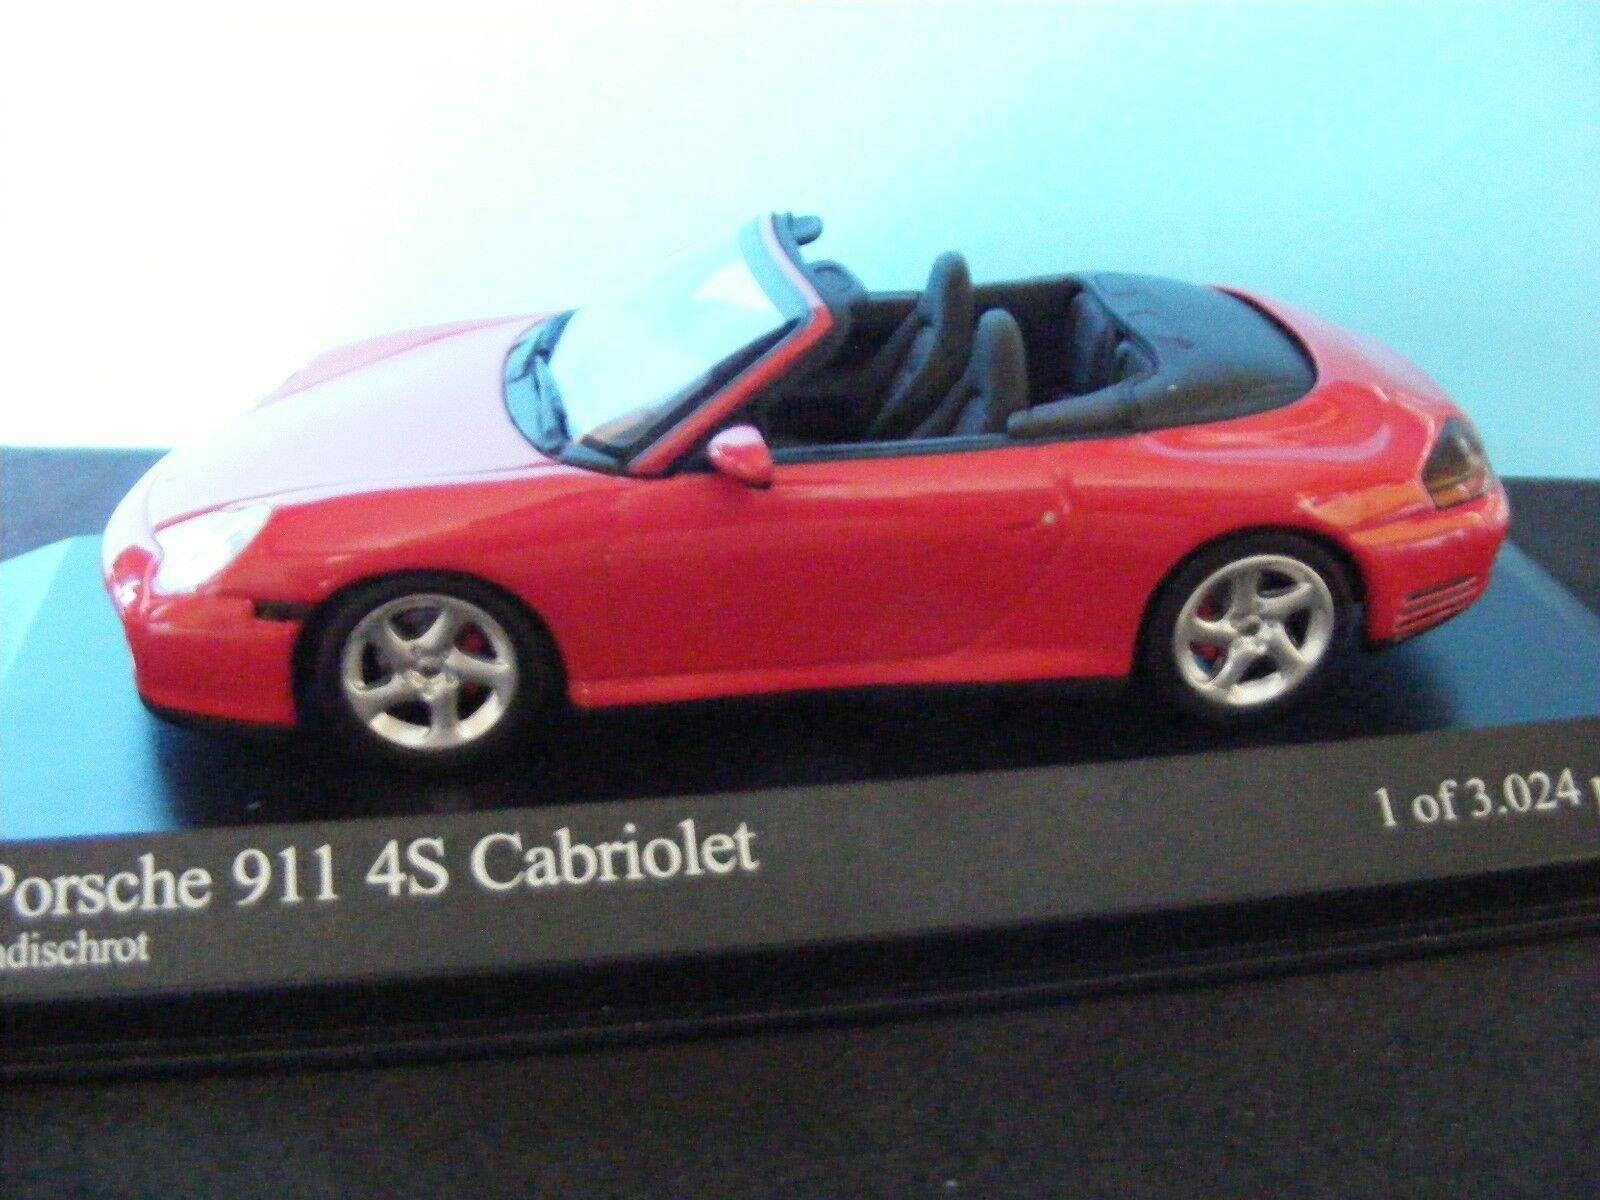 Porsche 911 4S  Cabriolet in INDISCHred 1 of 3024 pcs  a Minichamp 1 43RD. .